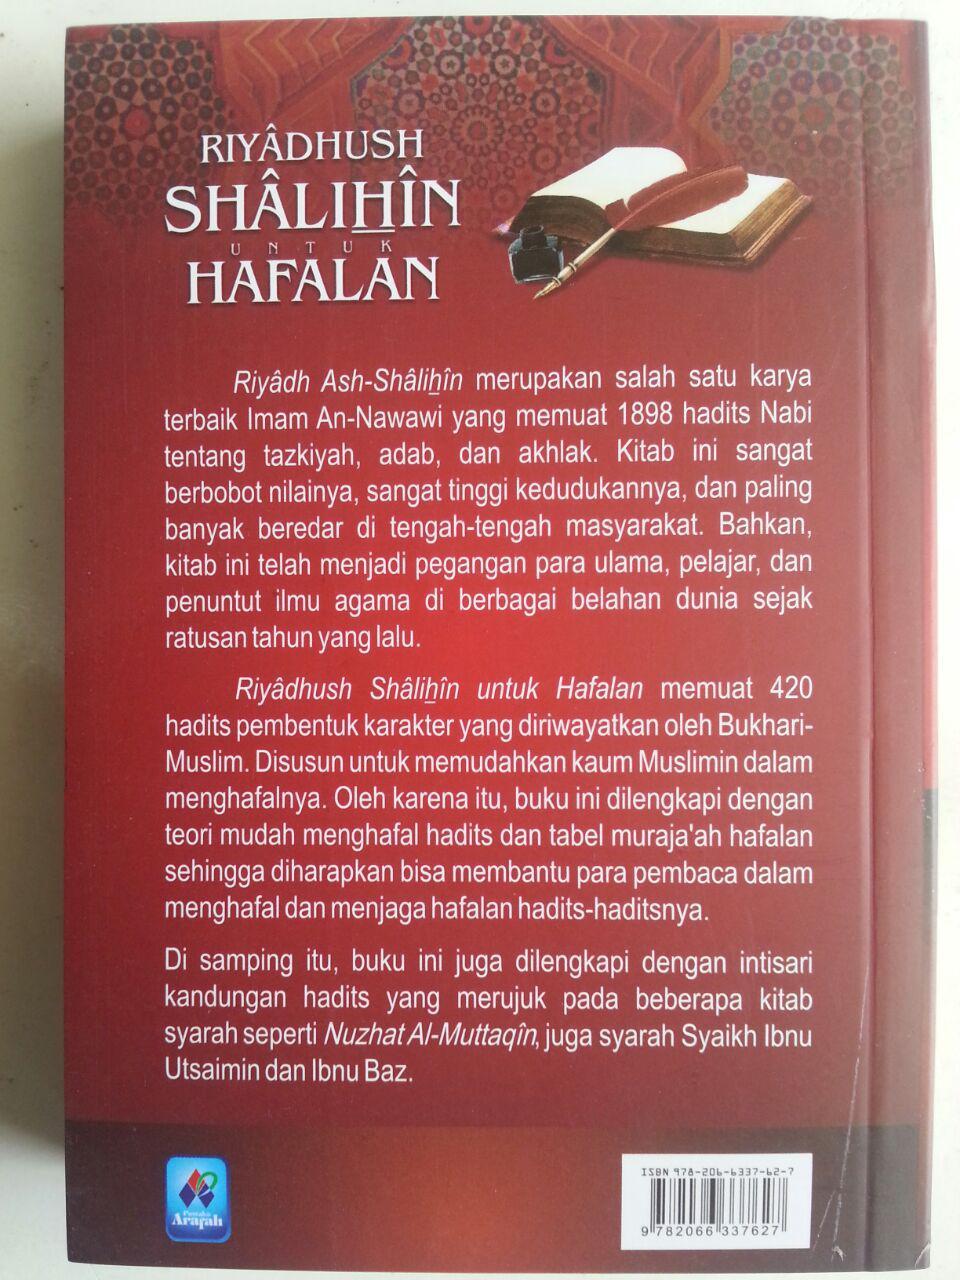 Buku Riyadhus Shalihin Untuk Hafalan 420 Hadits Pembentuk Karakter cover